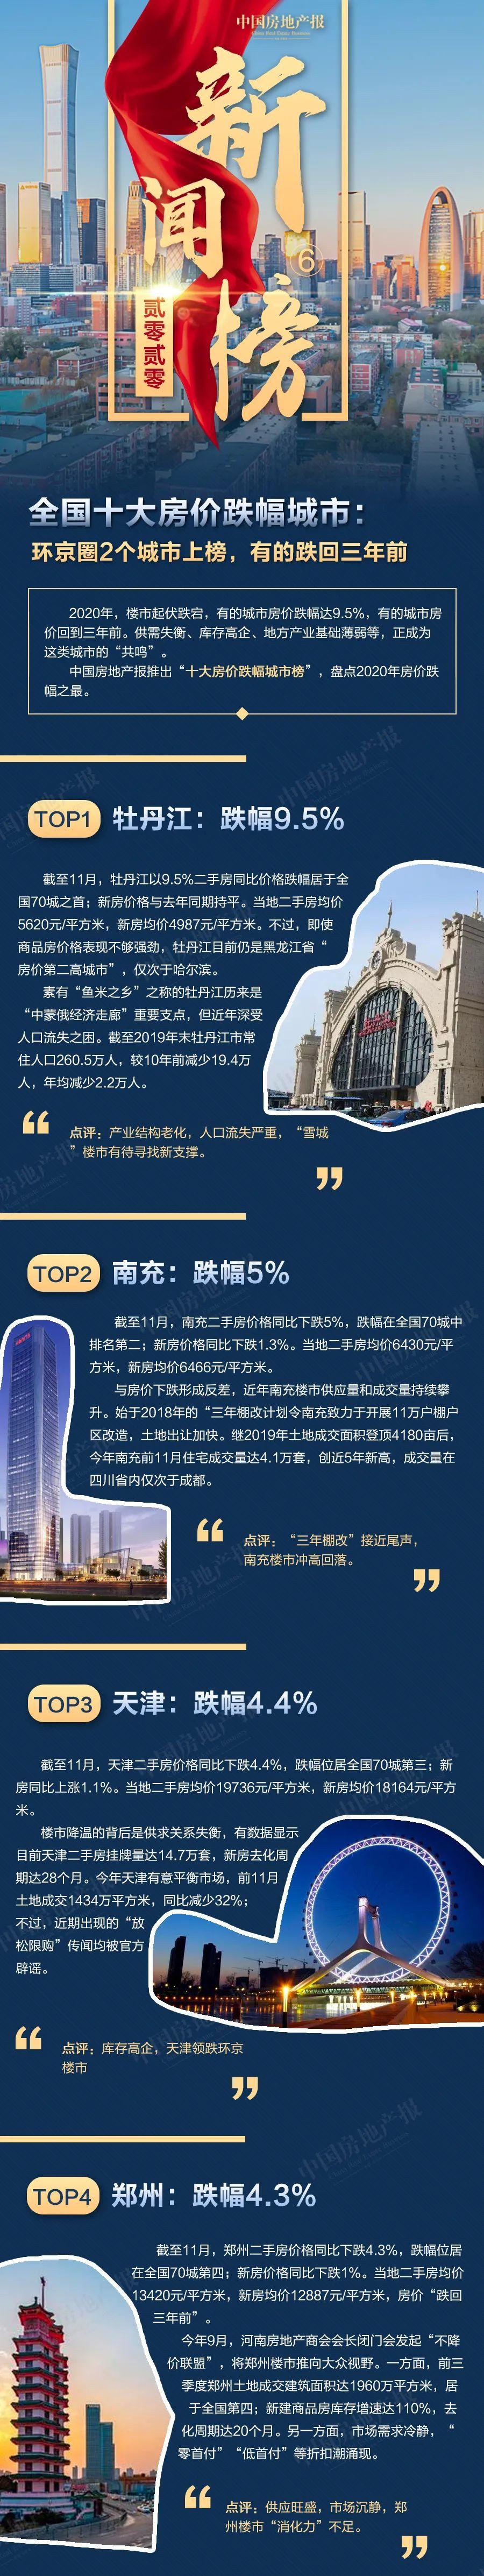 电银付小盟主(dianyinzhifu.com):天下十大房价跌幅都会:环京圈2个都会上榜,有的跌回三年前 第1张